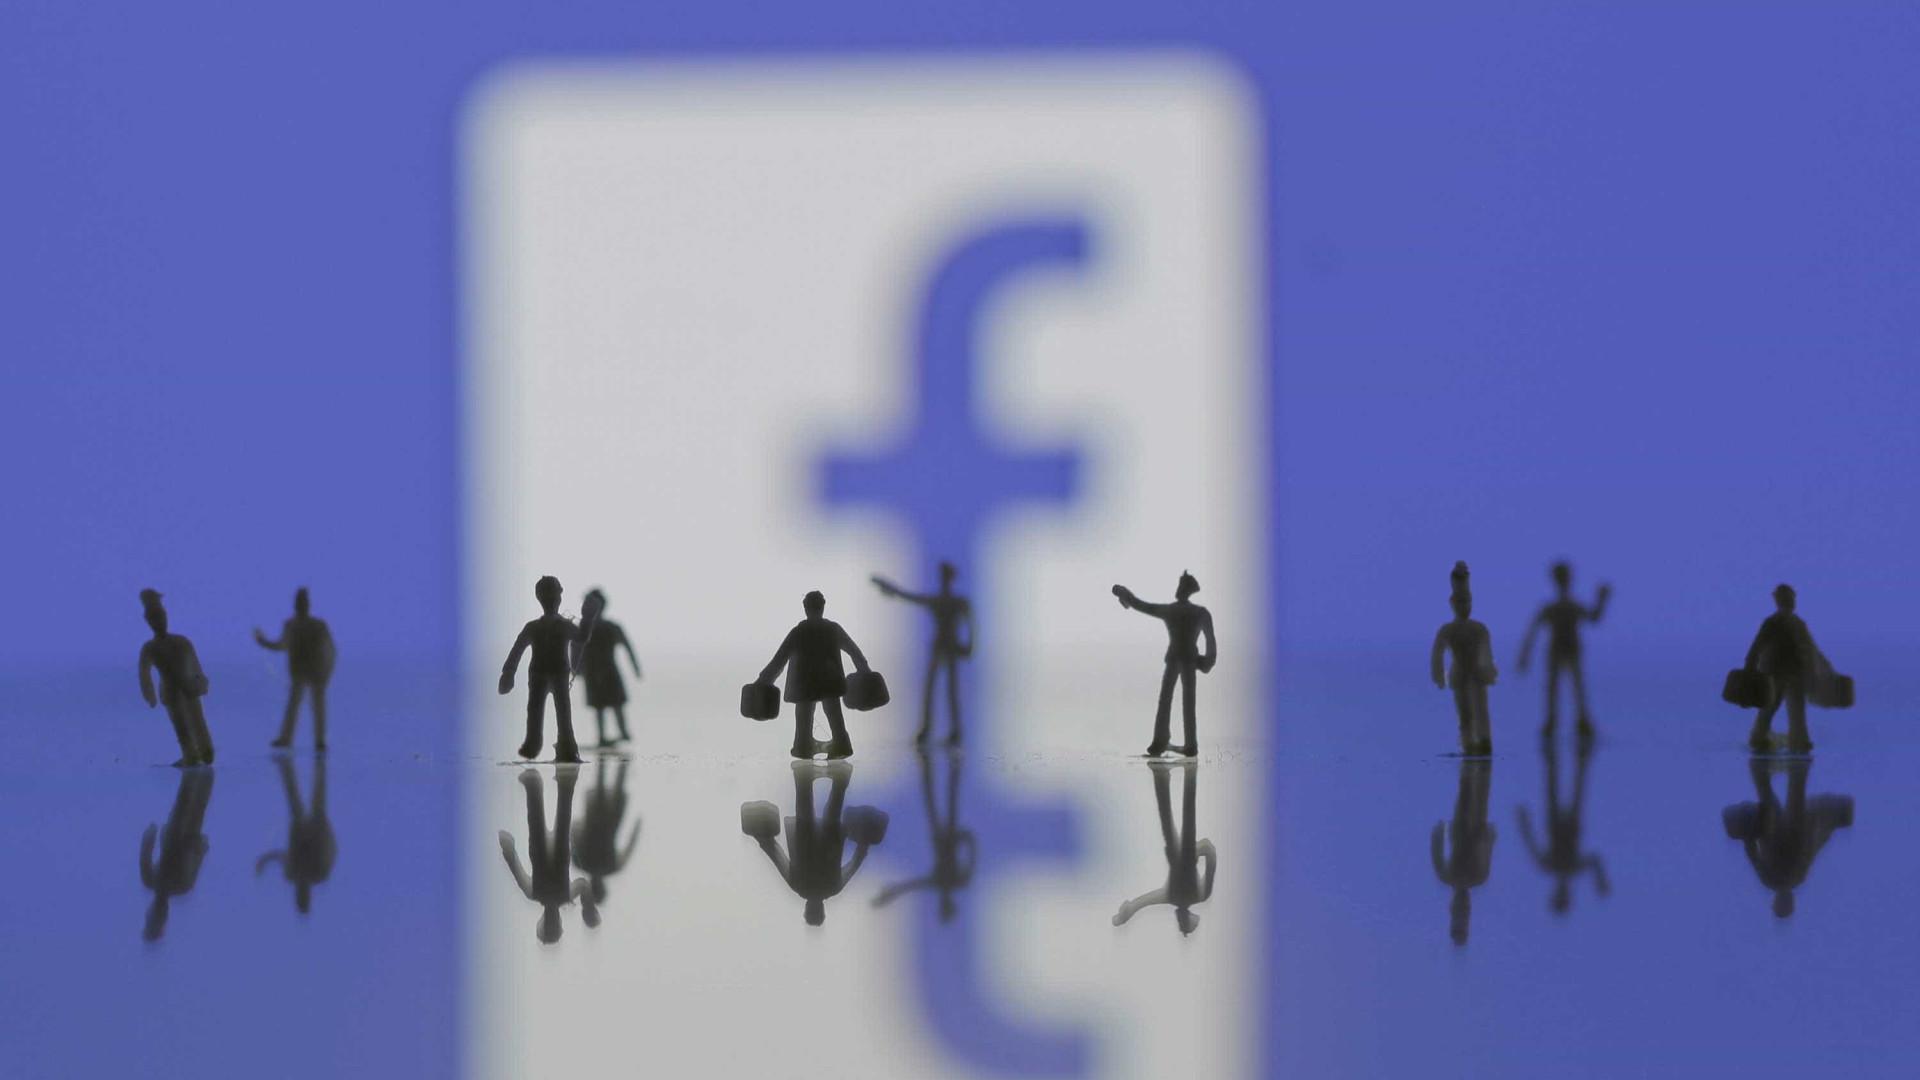 Funcionários do Facebook temem ser espiados pela própria empresa